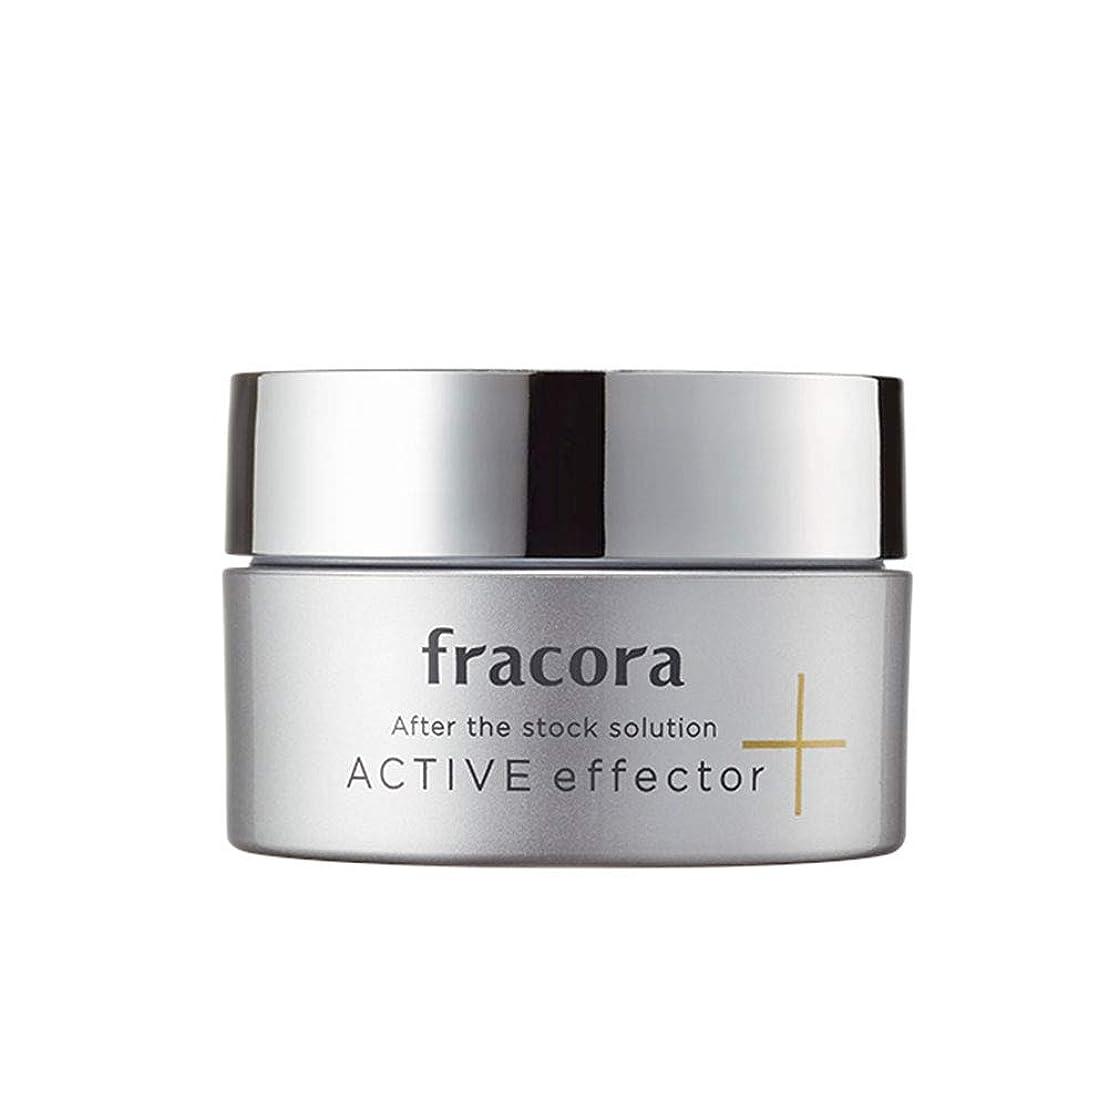 クラシカル本質的にの量fracora(フラコラ) クリーム アクティブ エフェクター 50g